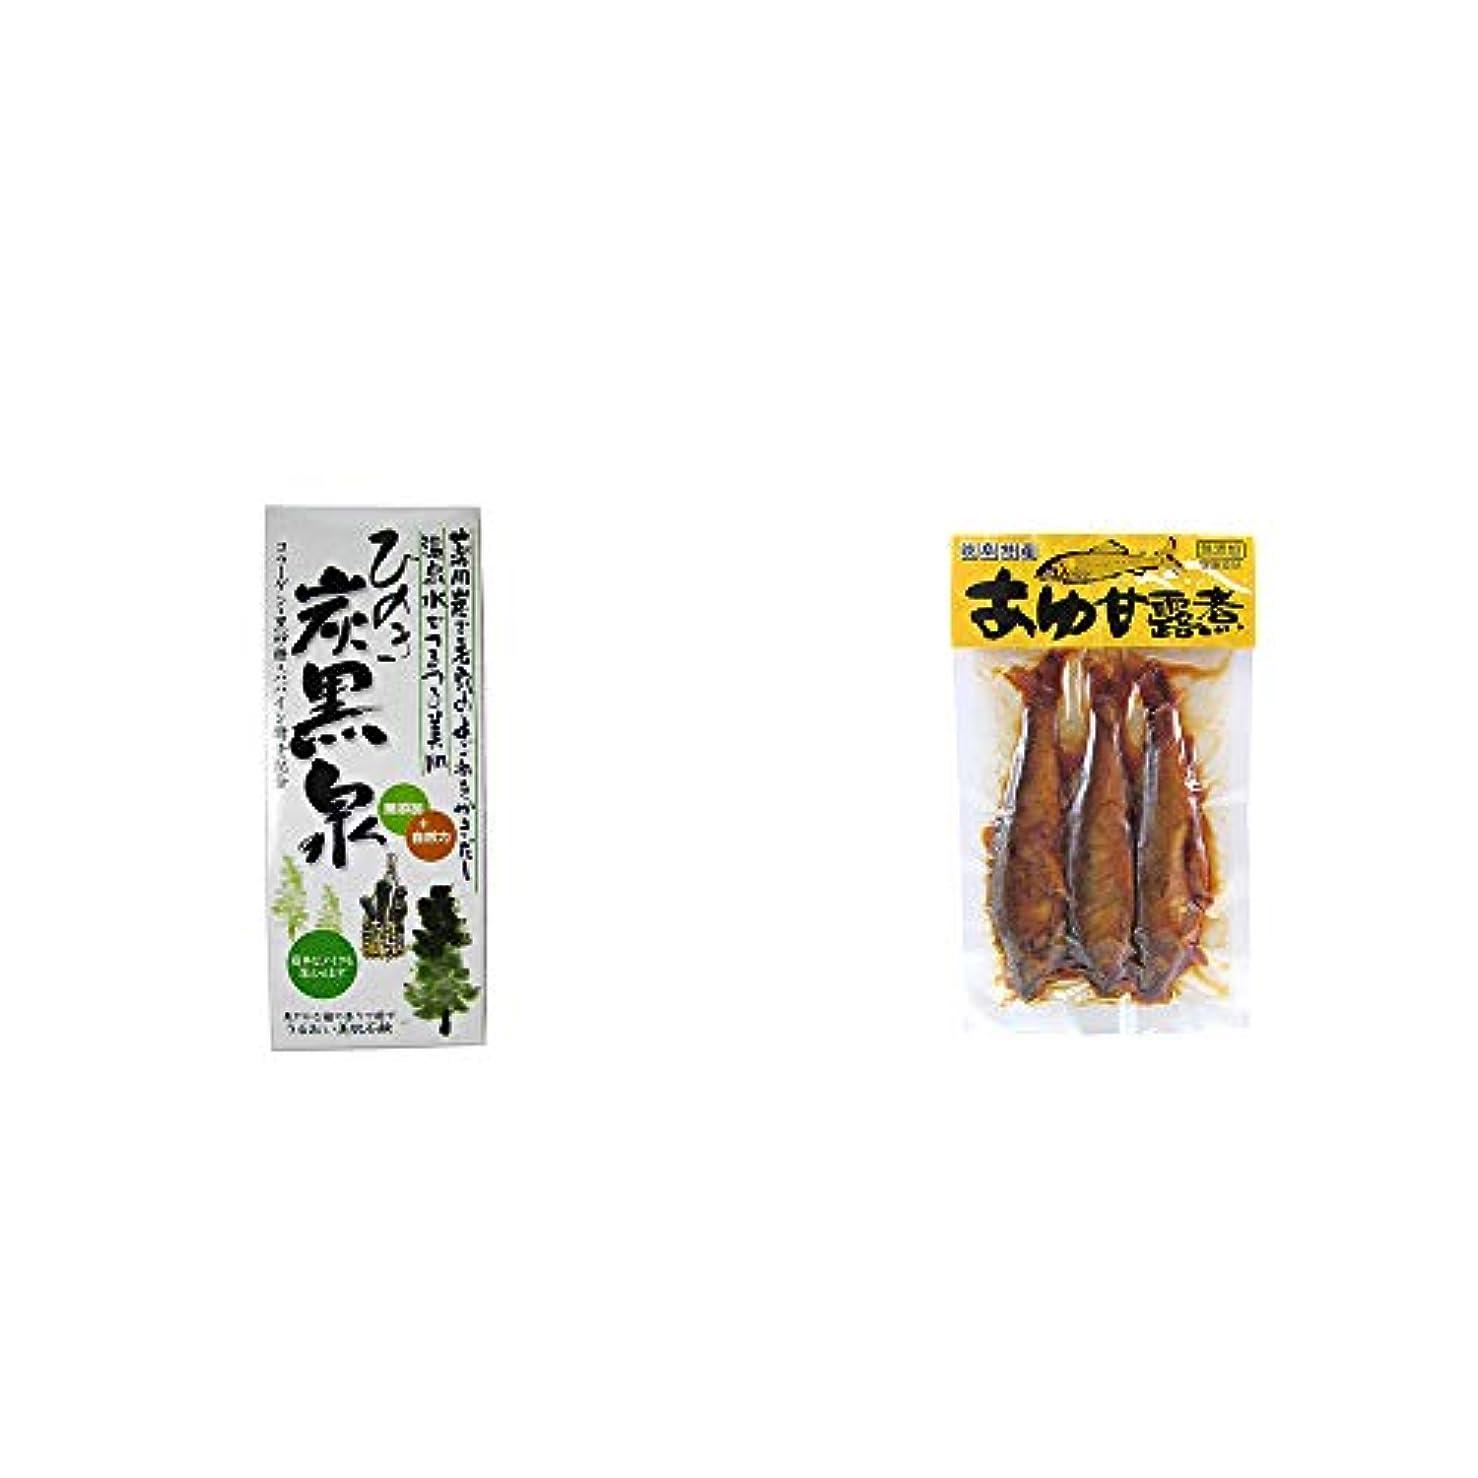 ラベルレガシーファントム[2点セット] ひのき炭黒泉 箱入り(75g×3)?あゆ甘露煮(3匹入)